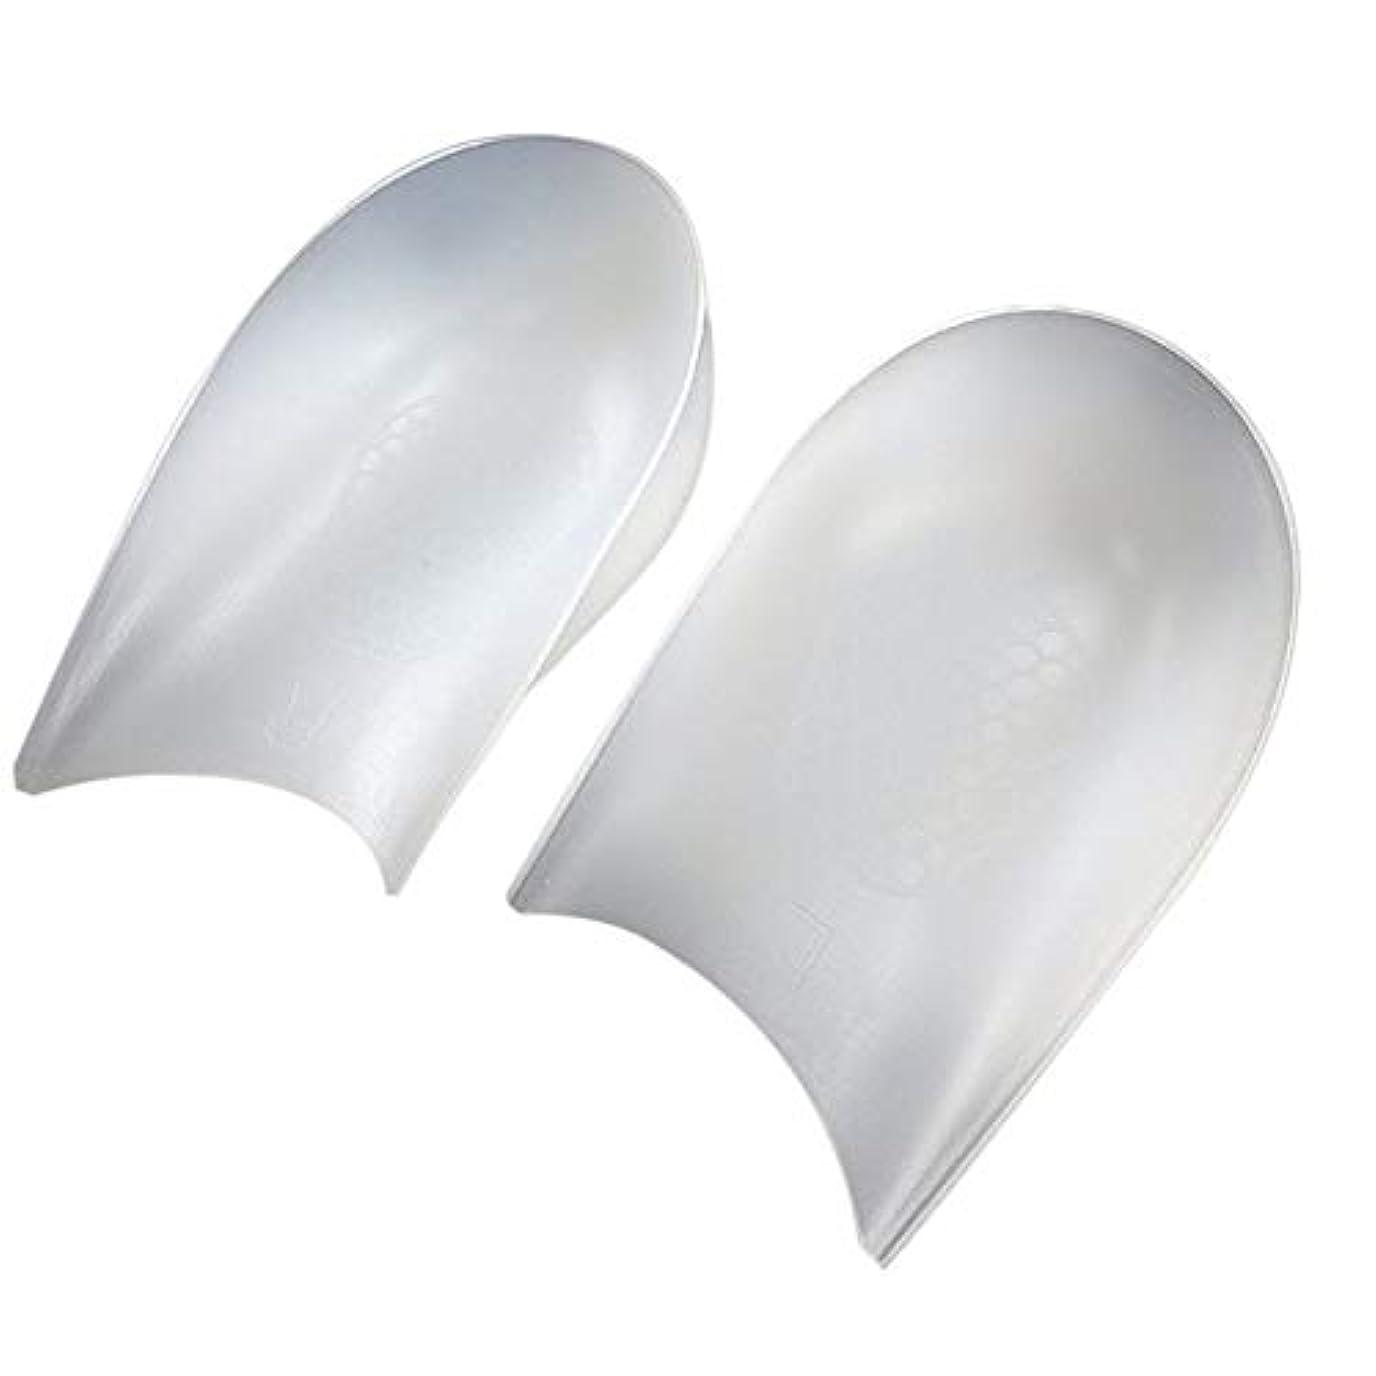 安心させるアヒルそれるLOCKYOU 目に見えない高さのリフトヒールパッドライナーにより、インソールの衝撃吸収性シリコンヒールパッド1ペア